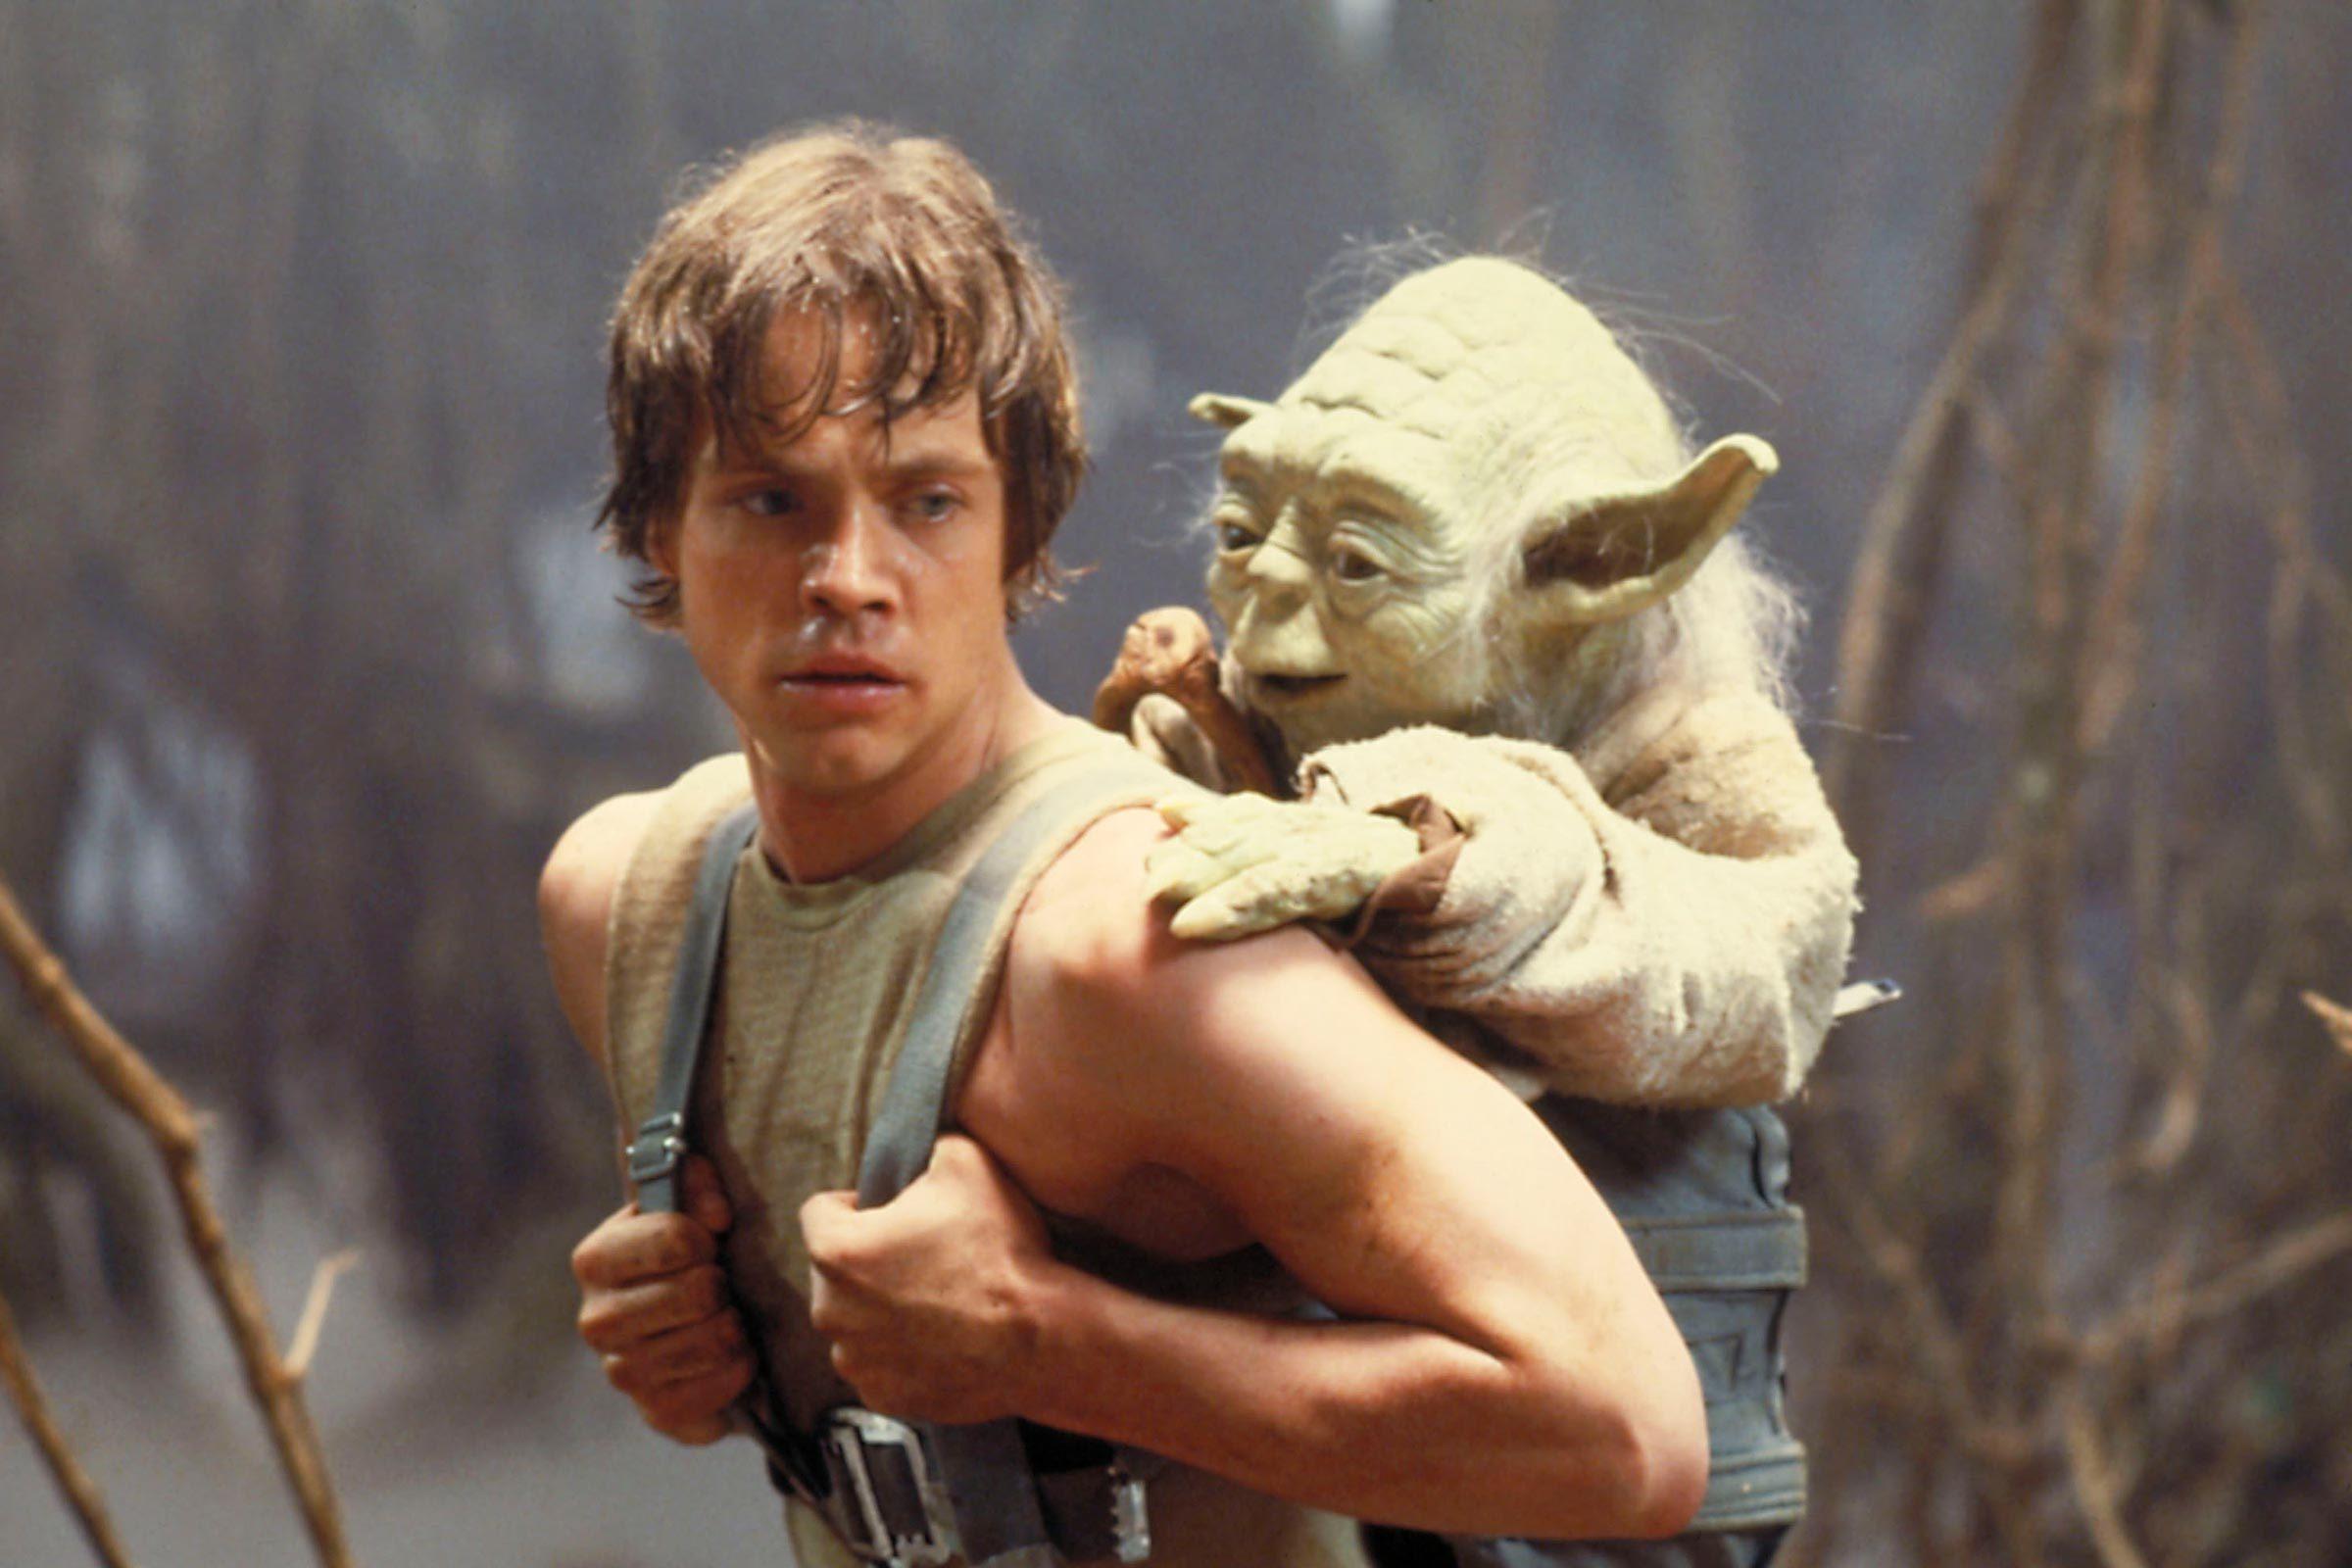 Mark Hamill and Yoda in the swamp, 1980